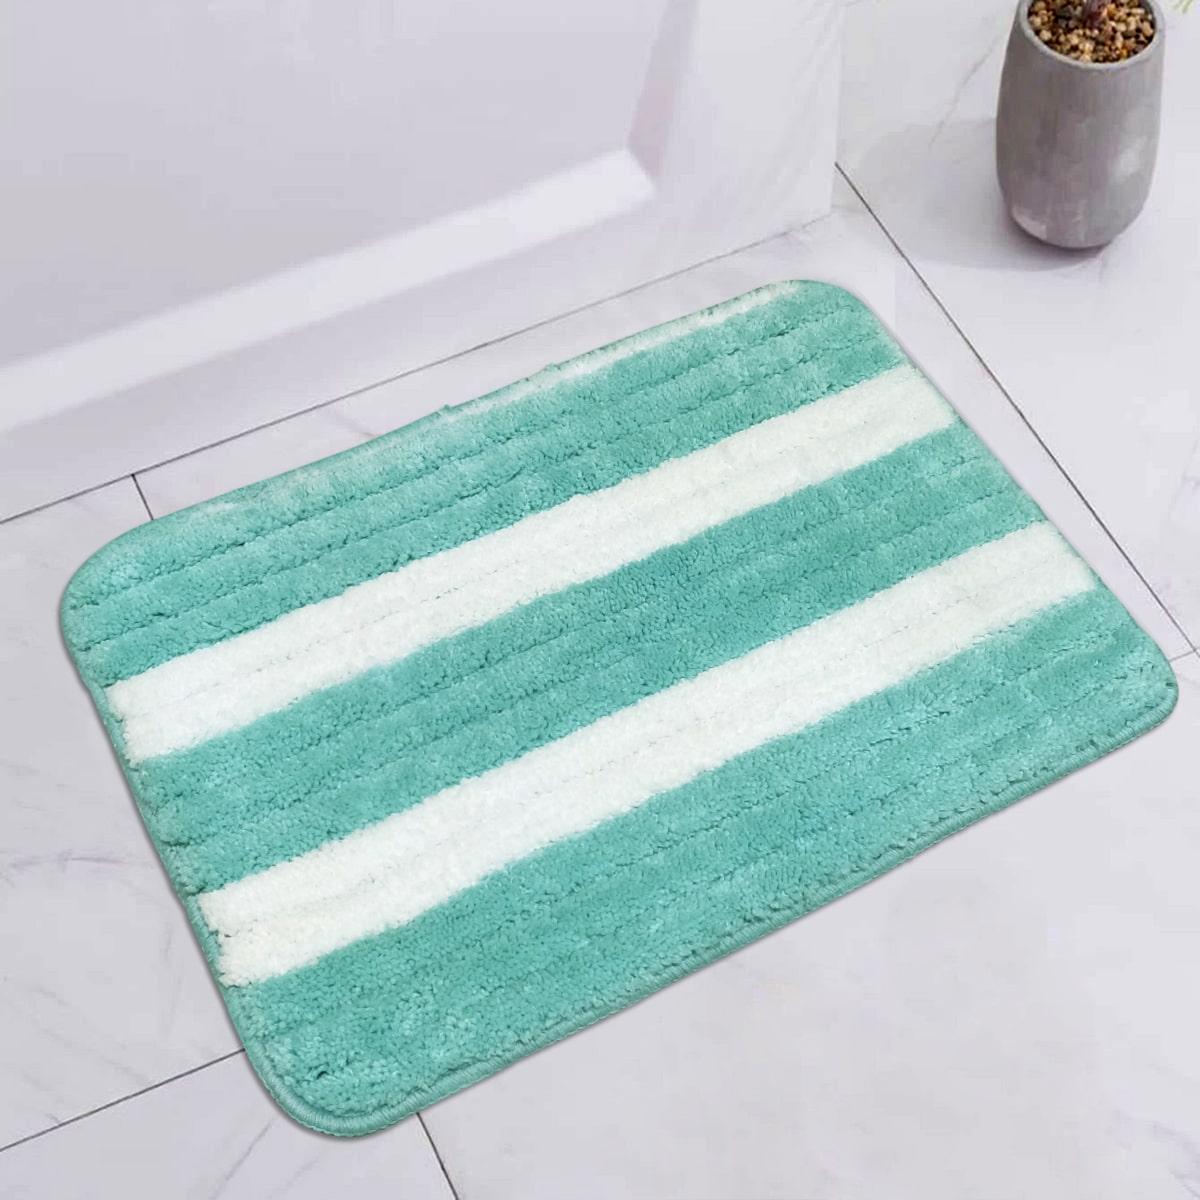 Bodenmatte mit Streifen Muster